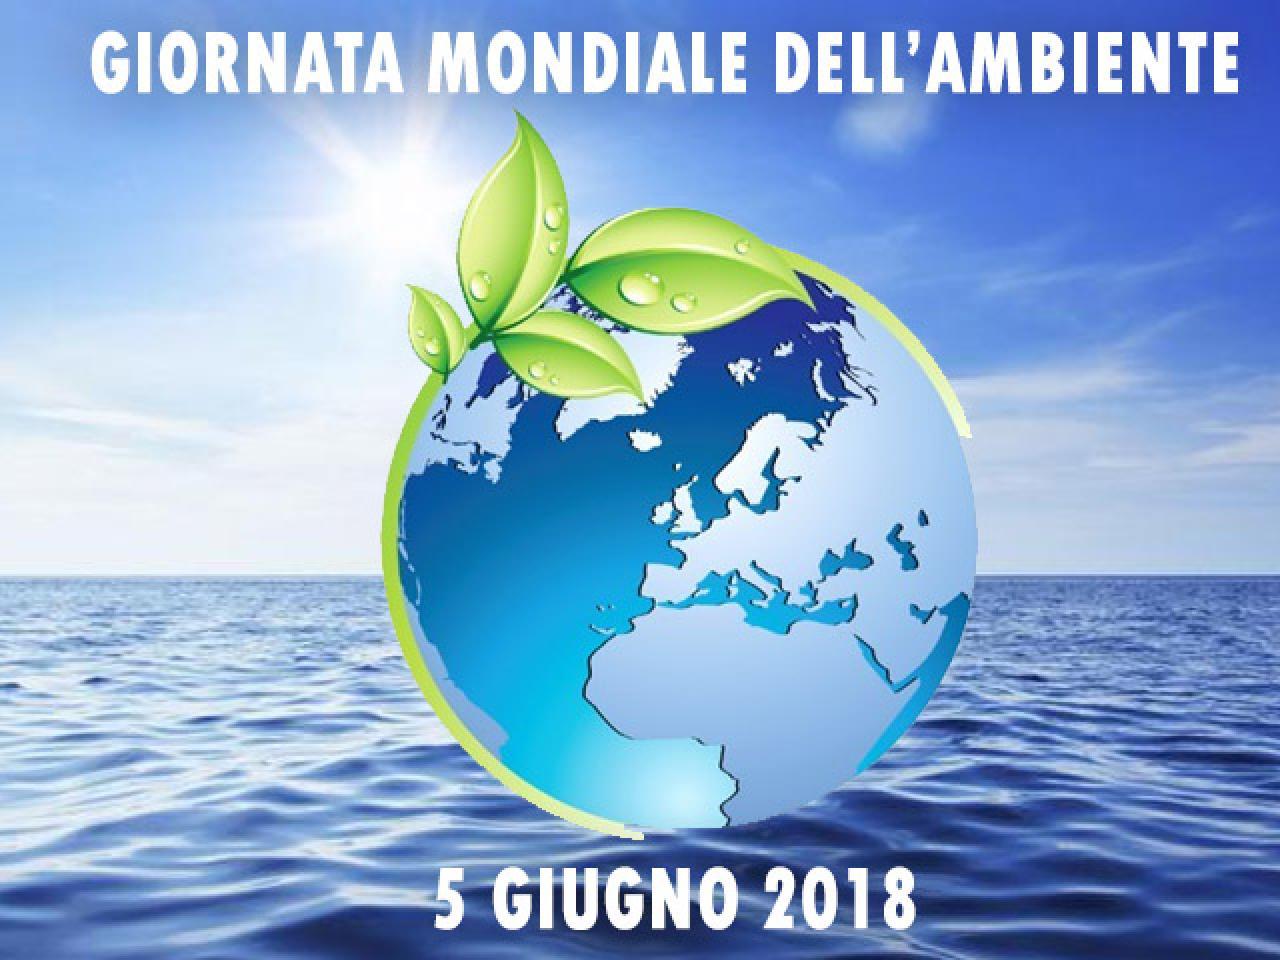 Il 5 giugno festeggeremo la Giornata Mondiale dell'Ambiente ... facciamo qualcosa di buono per il nostro pianeta !!!